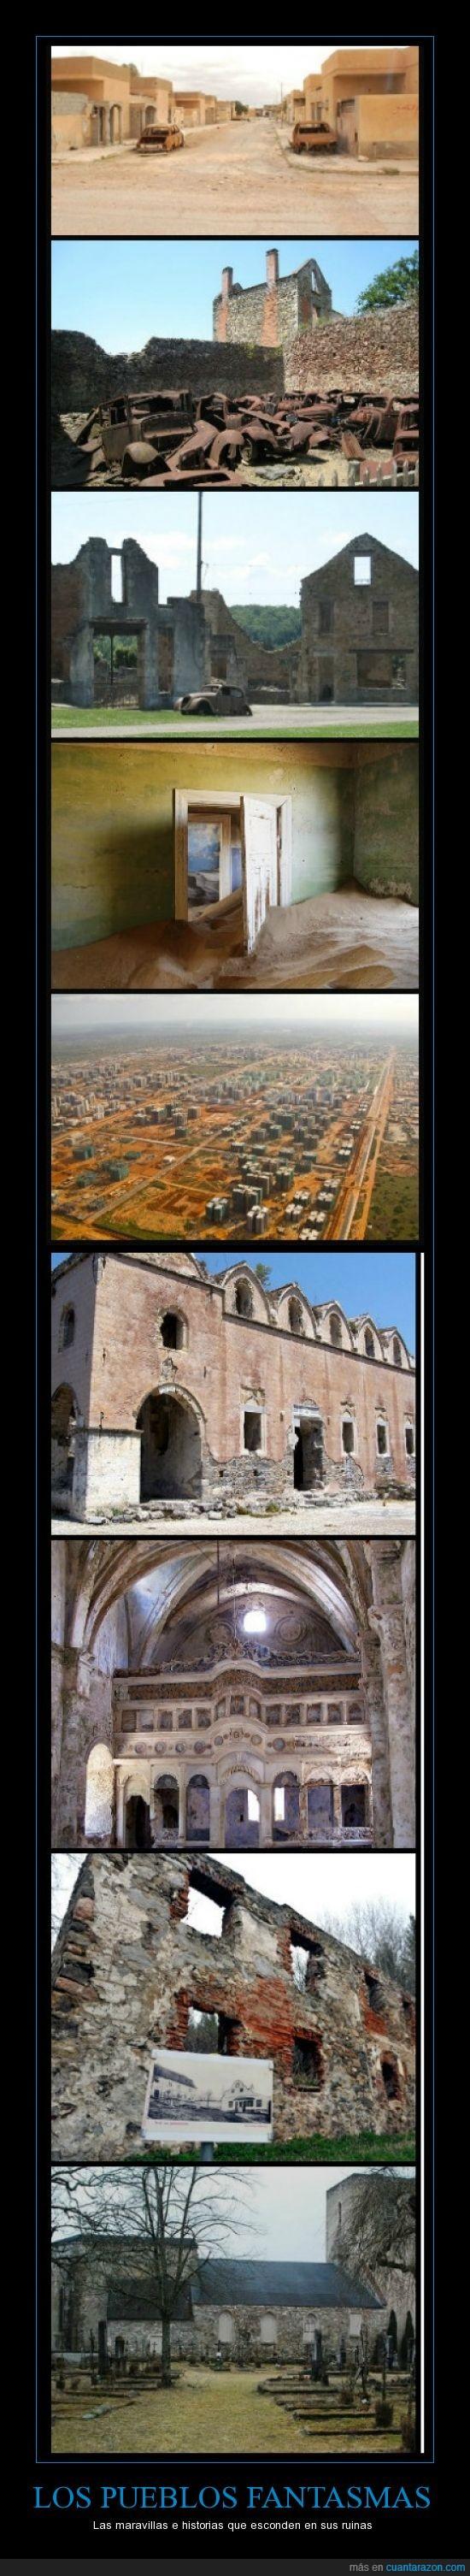 abandonado,civilizacion,fantasma,guerra,hermoso,pueblo,quisiera ir a un pueblo fantasma,tenebroso